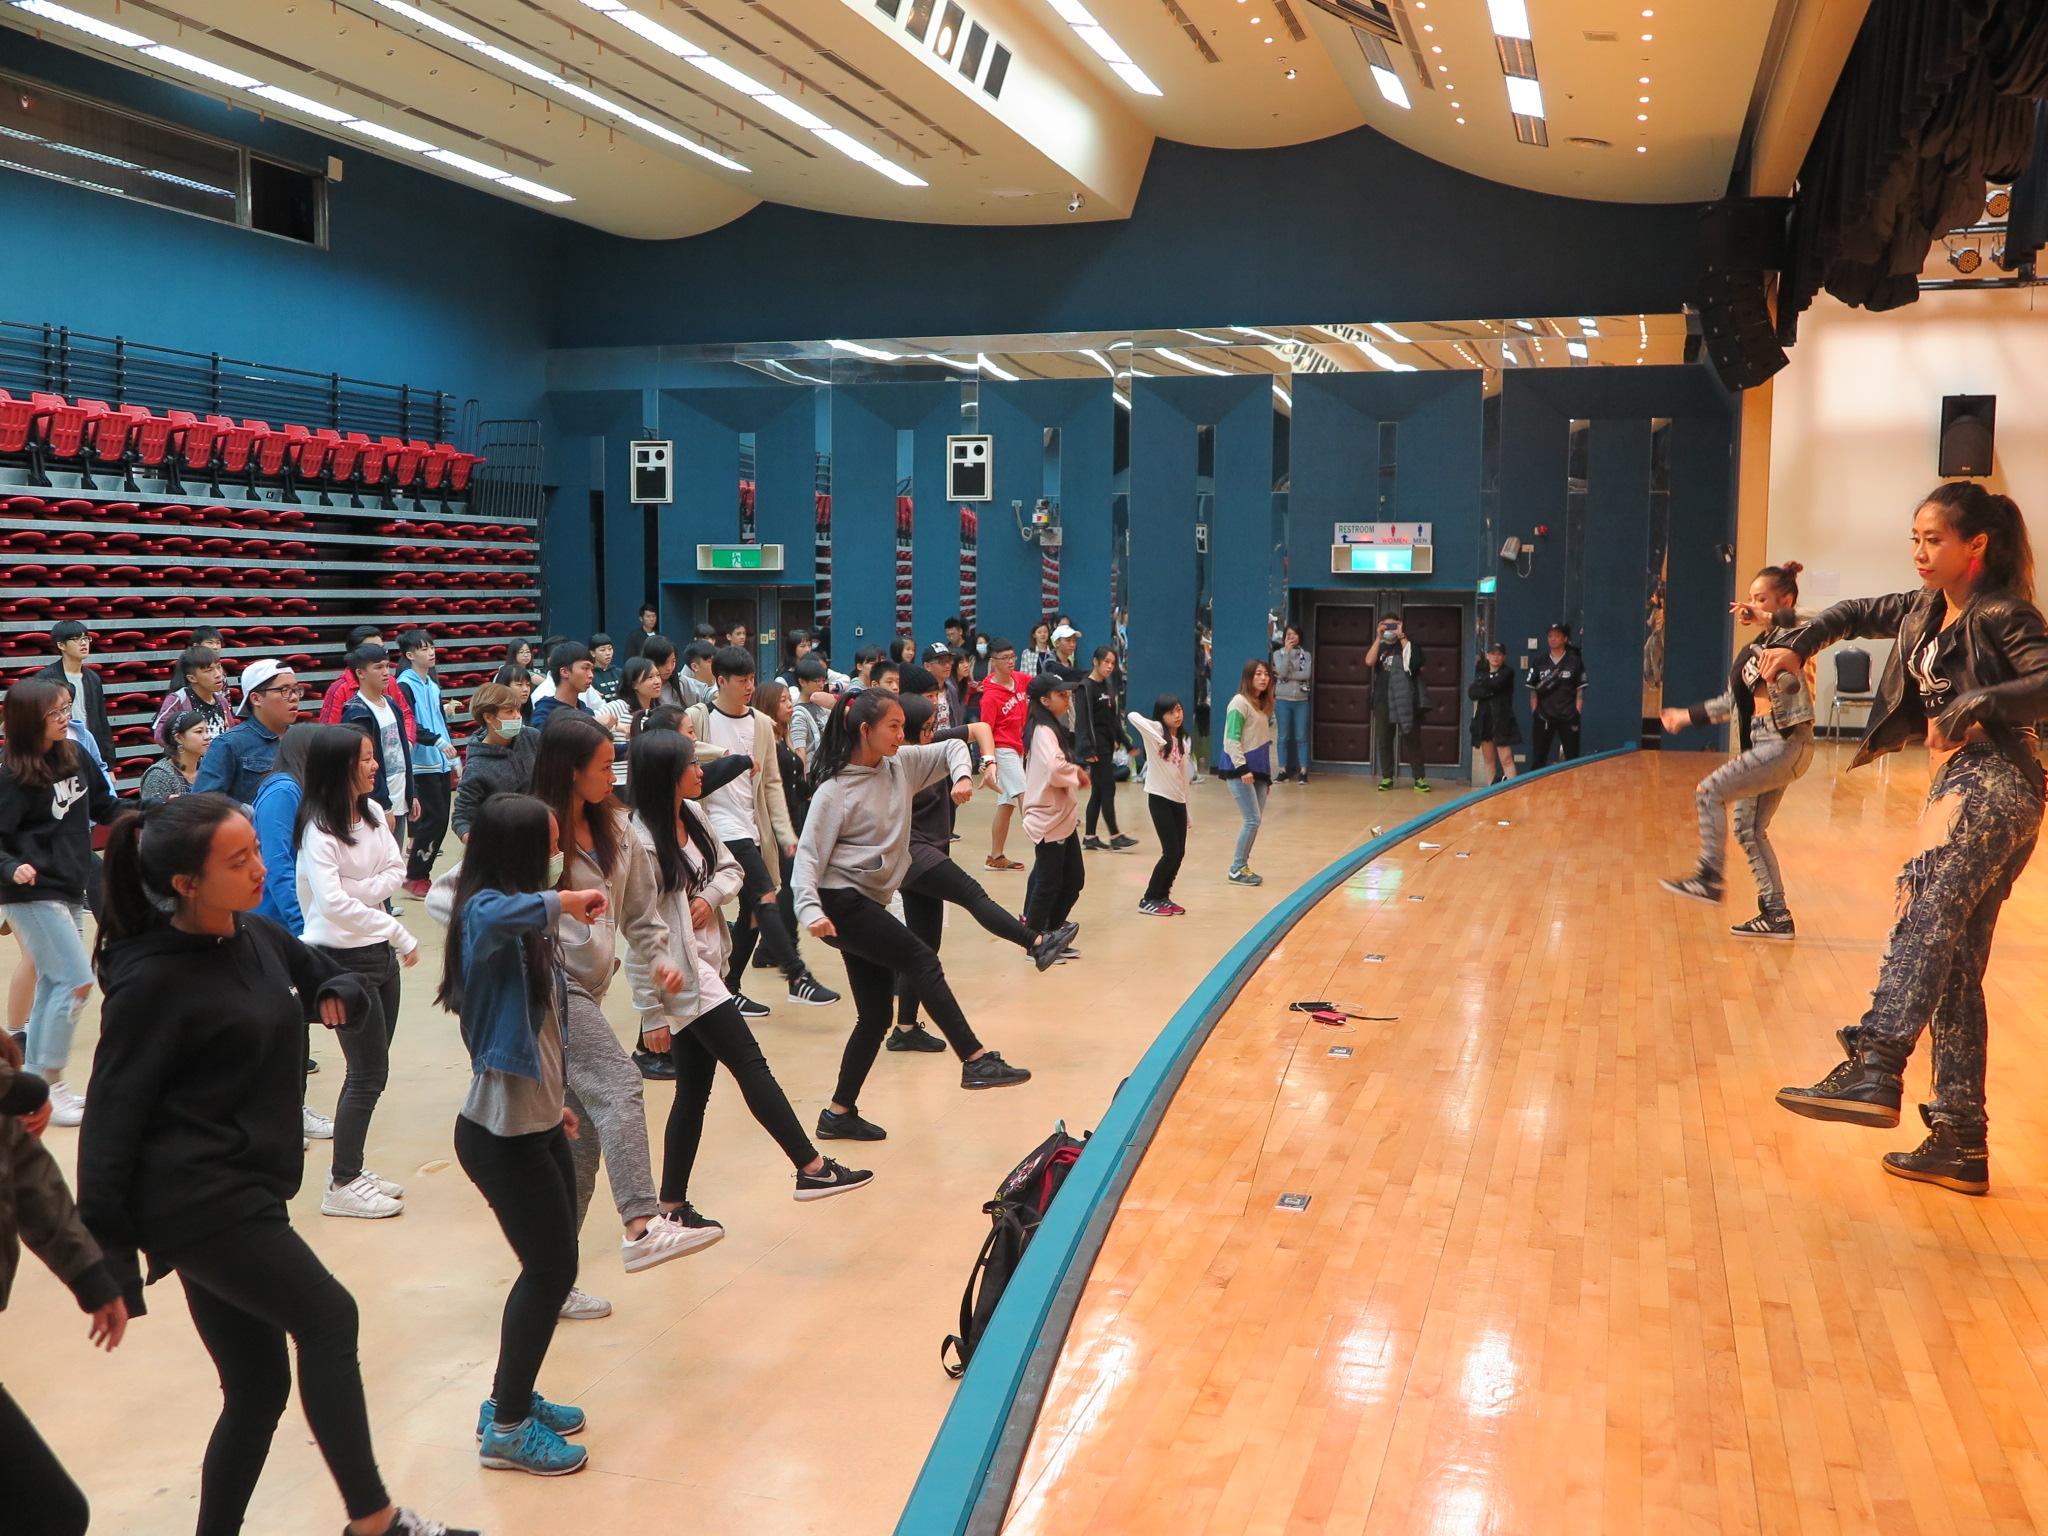 百位青少年一同與女子舞蹈團體「Maniac」舞動身軀 學習排舞技巧